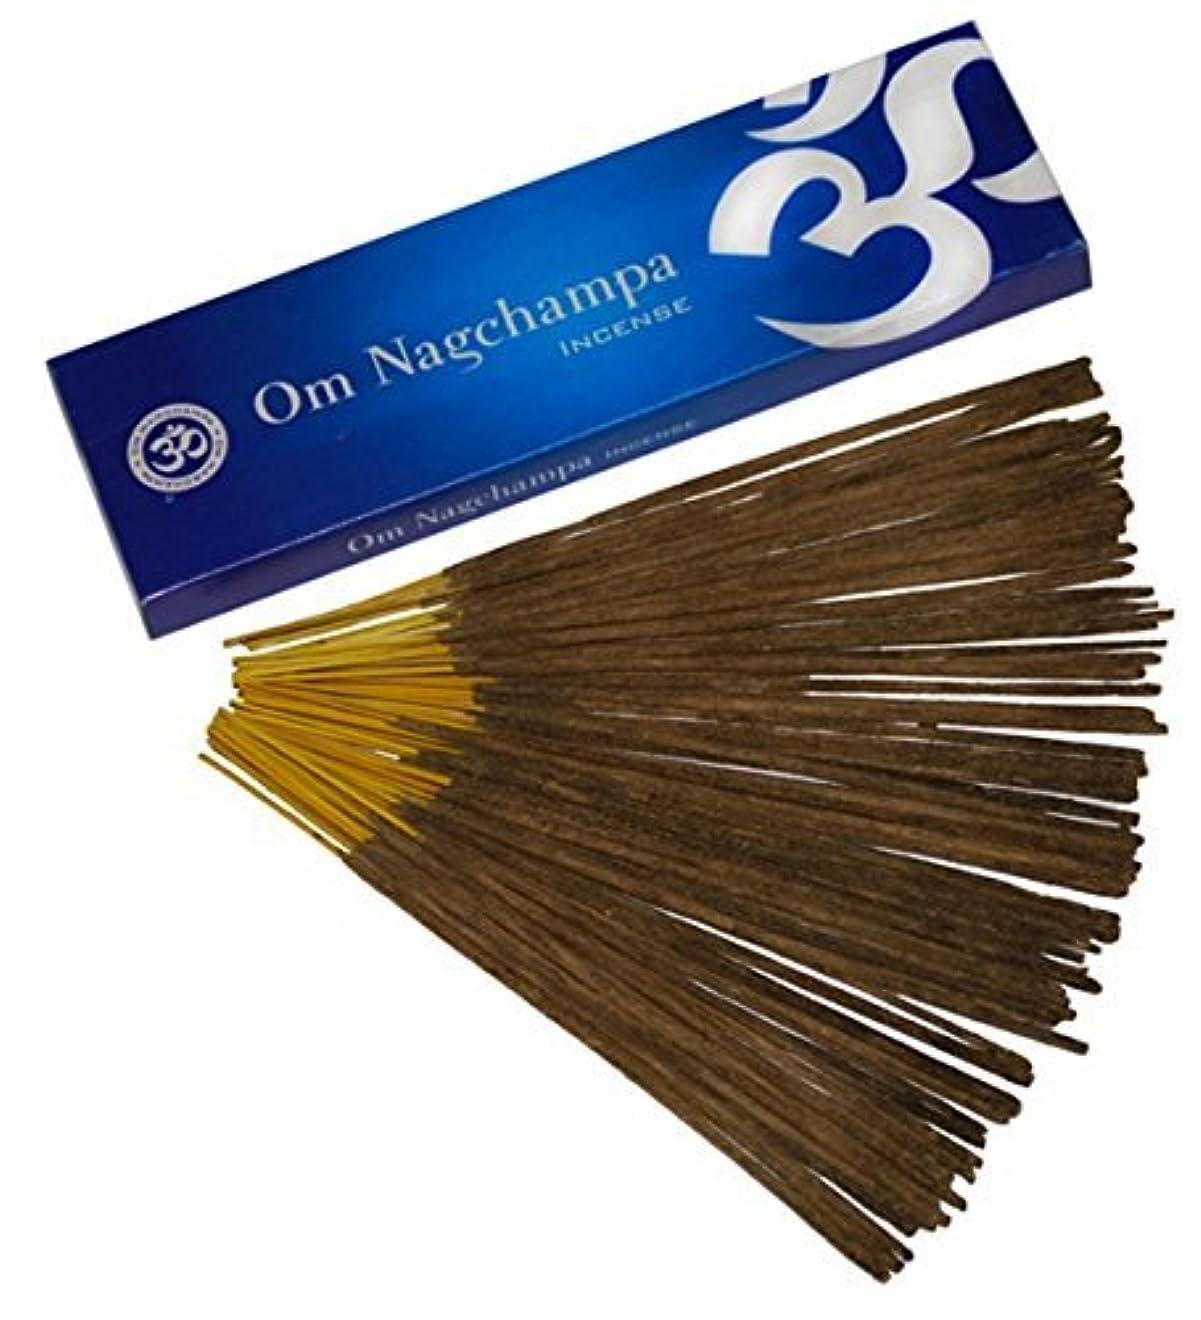 ジョージハンブリーさわやか姓Om Nagchampa Nag ChampaプレミアムIncense Fragrance 15 g 40 g 100 g 100g ブラウン B00MV3LZ9E